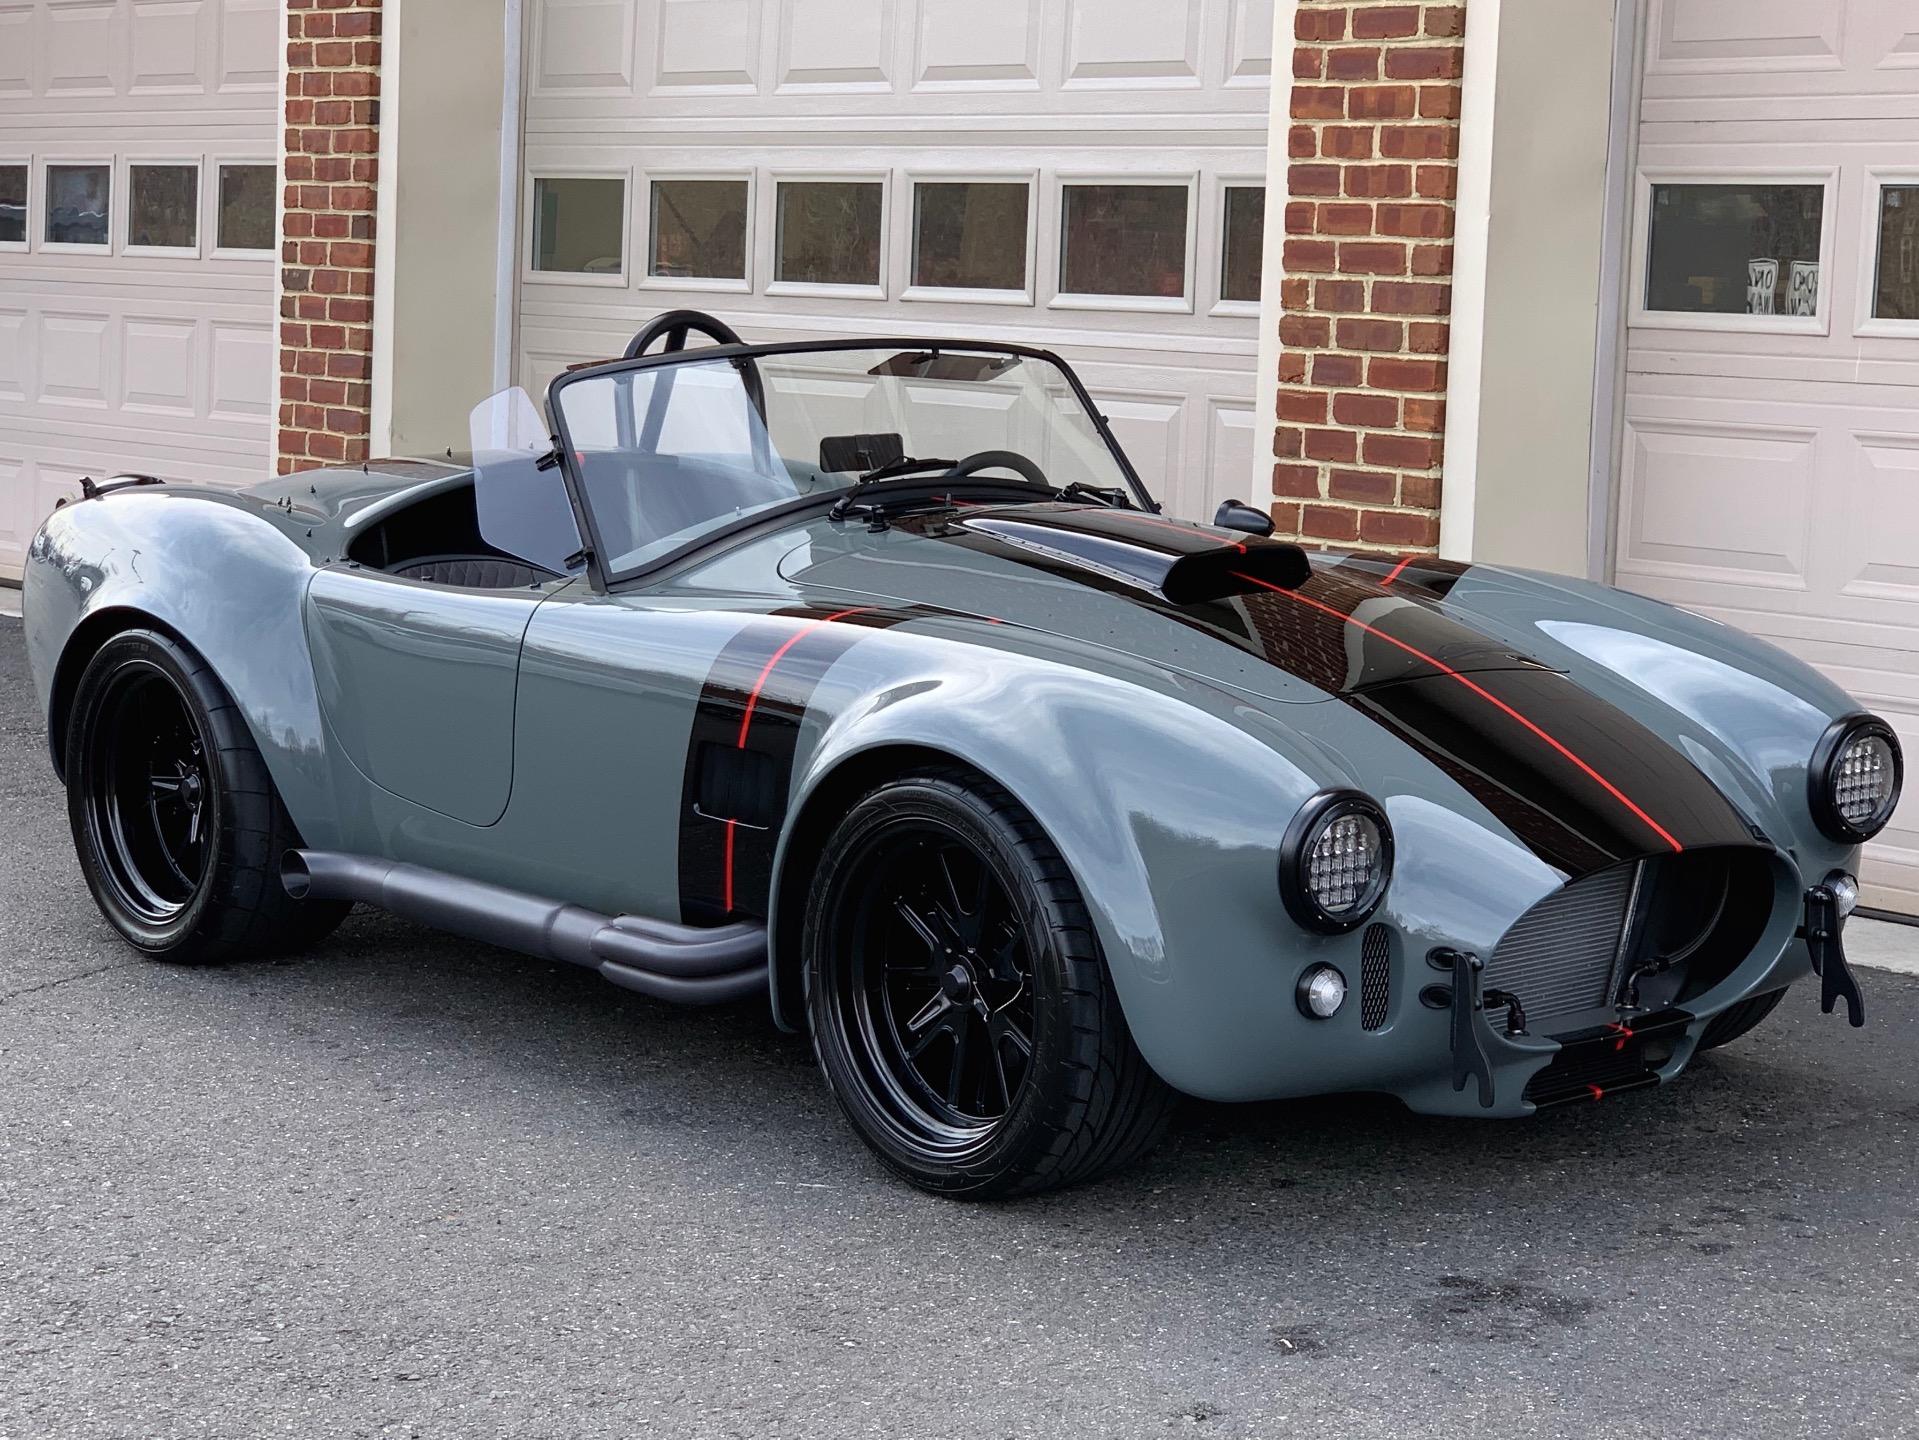 Used-1965-Superformance-MKIII-Cobra